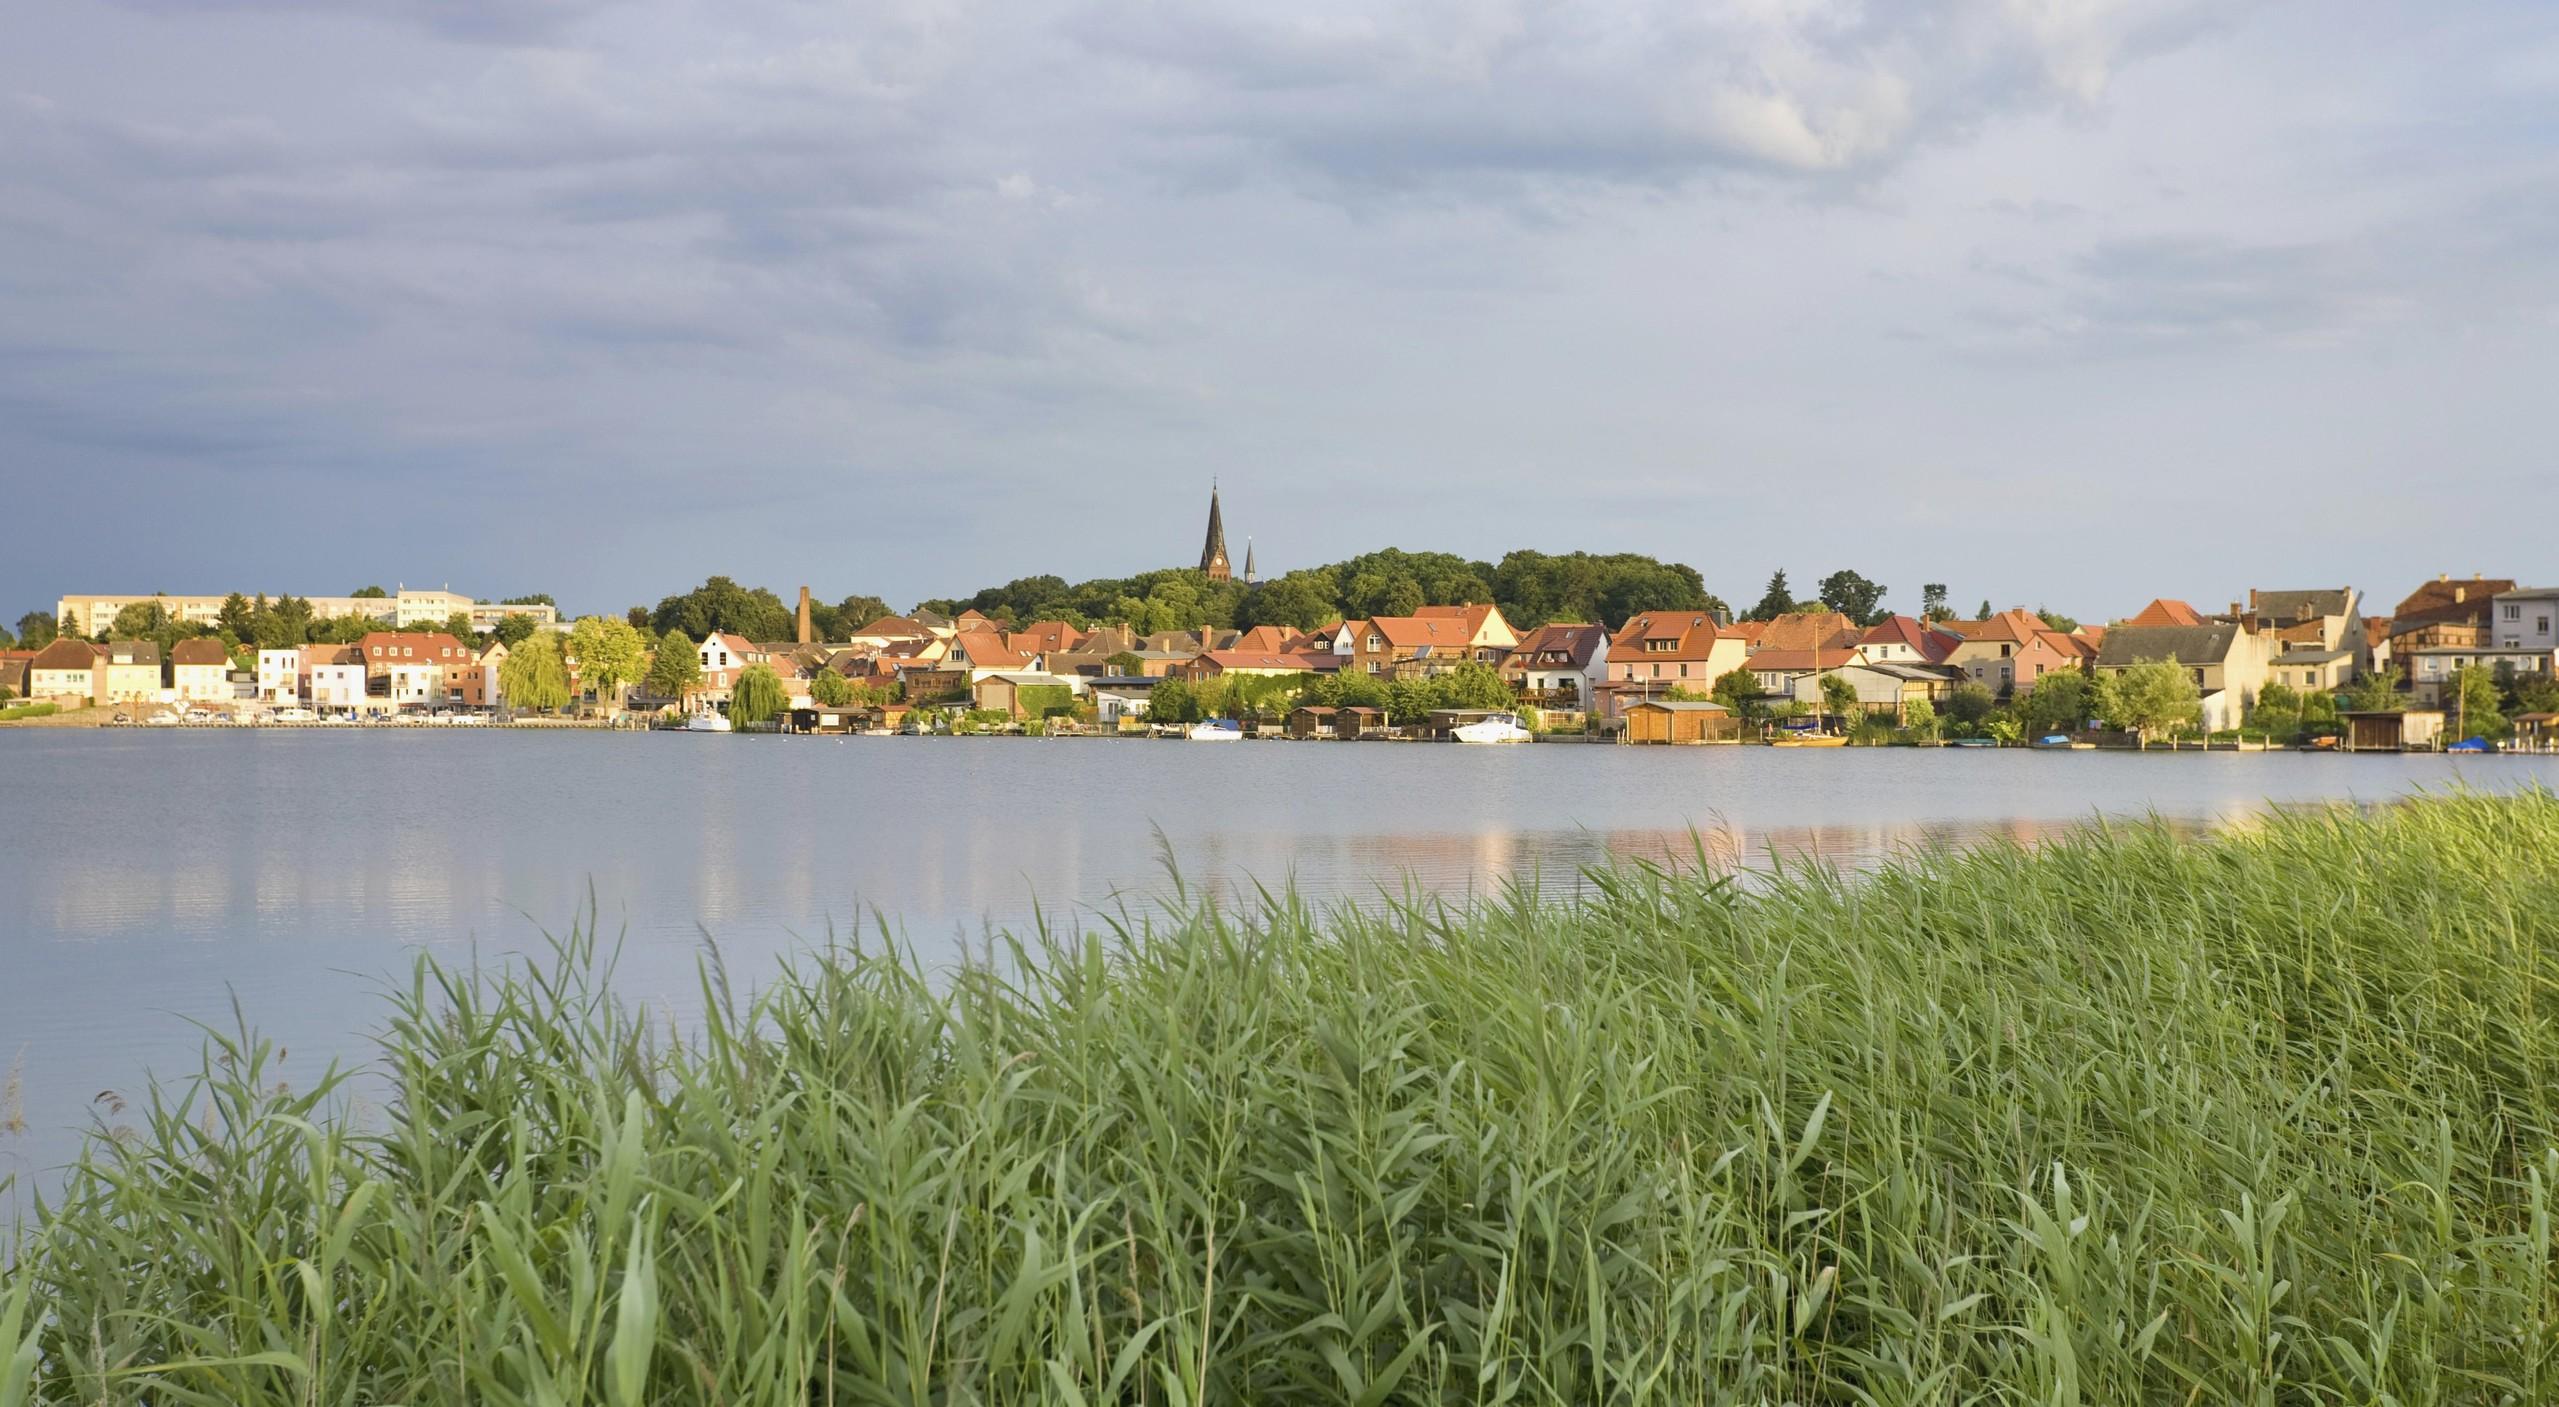 Hotel- und Sportresort Fleesensee in Malchow, Standortbeschreibung Bild 2